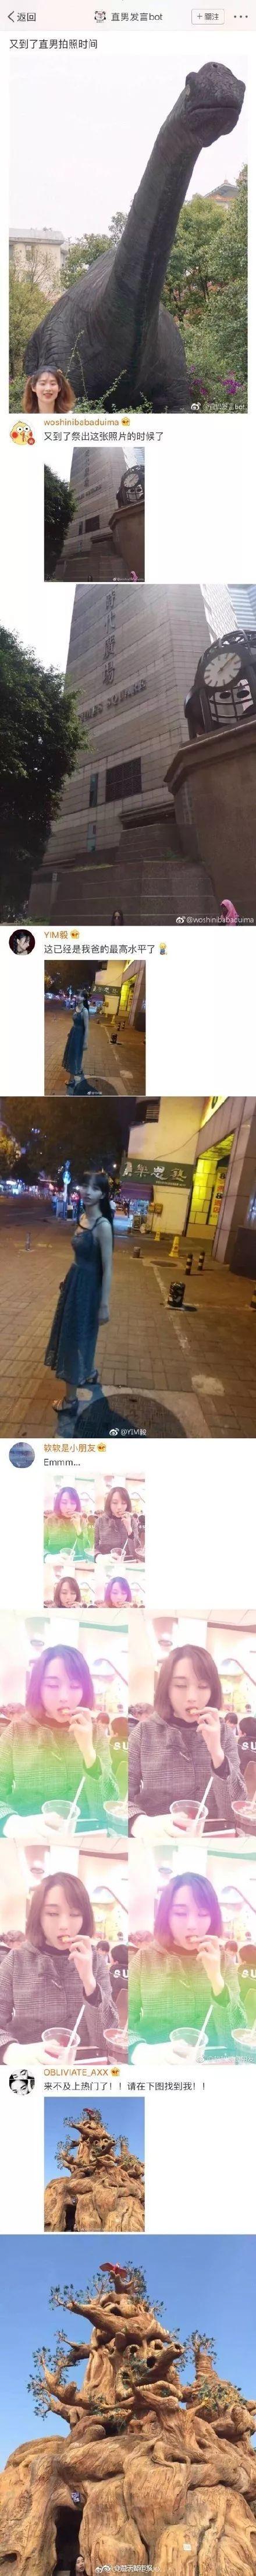 1.75米美女拍成智障小矬子!直男摄影,了解一下?